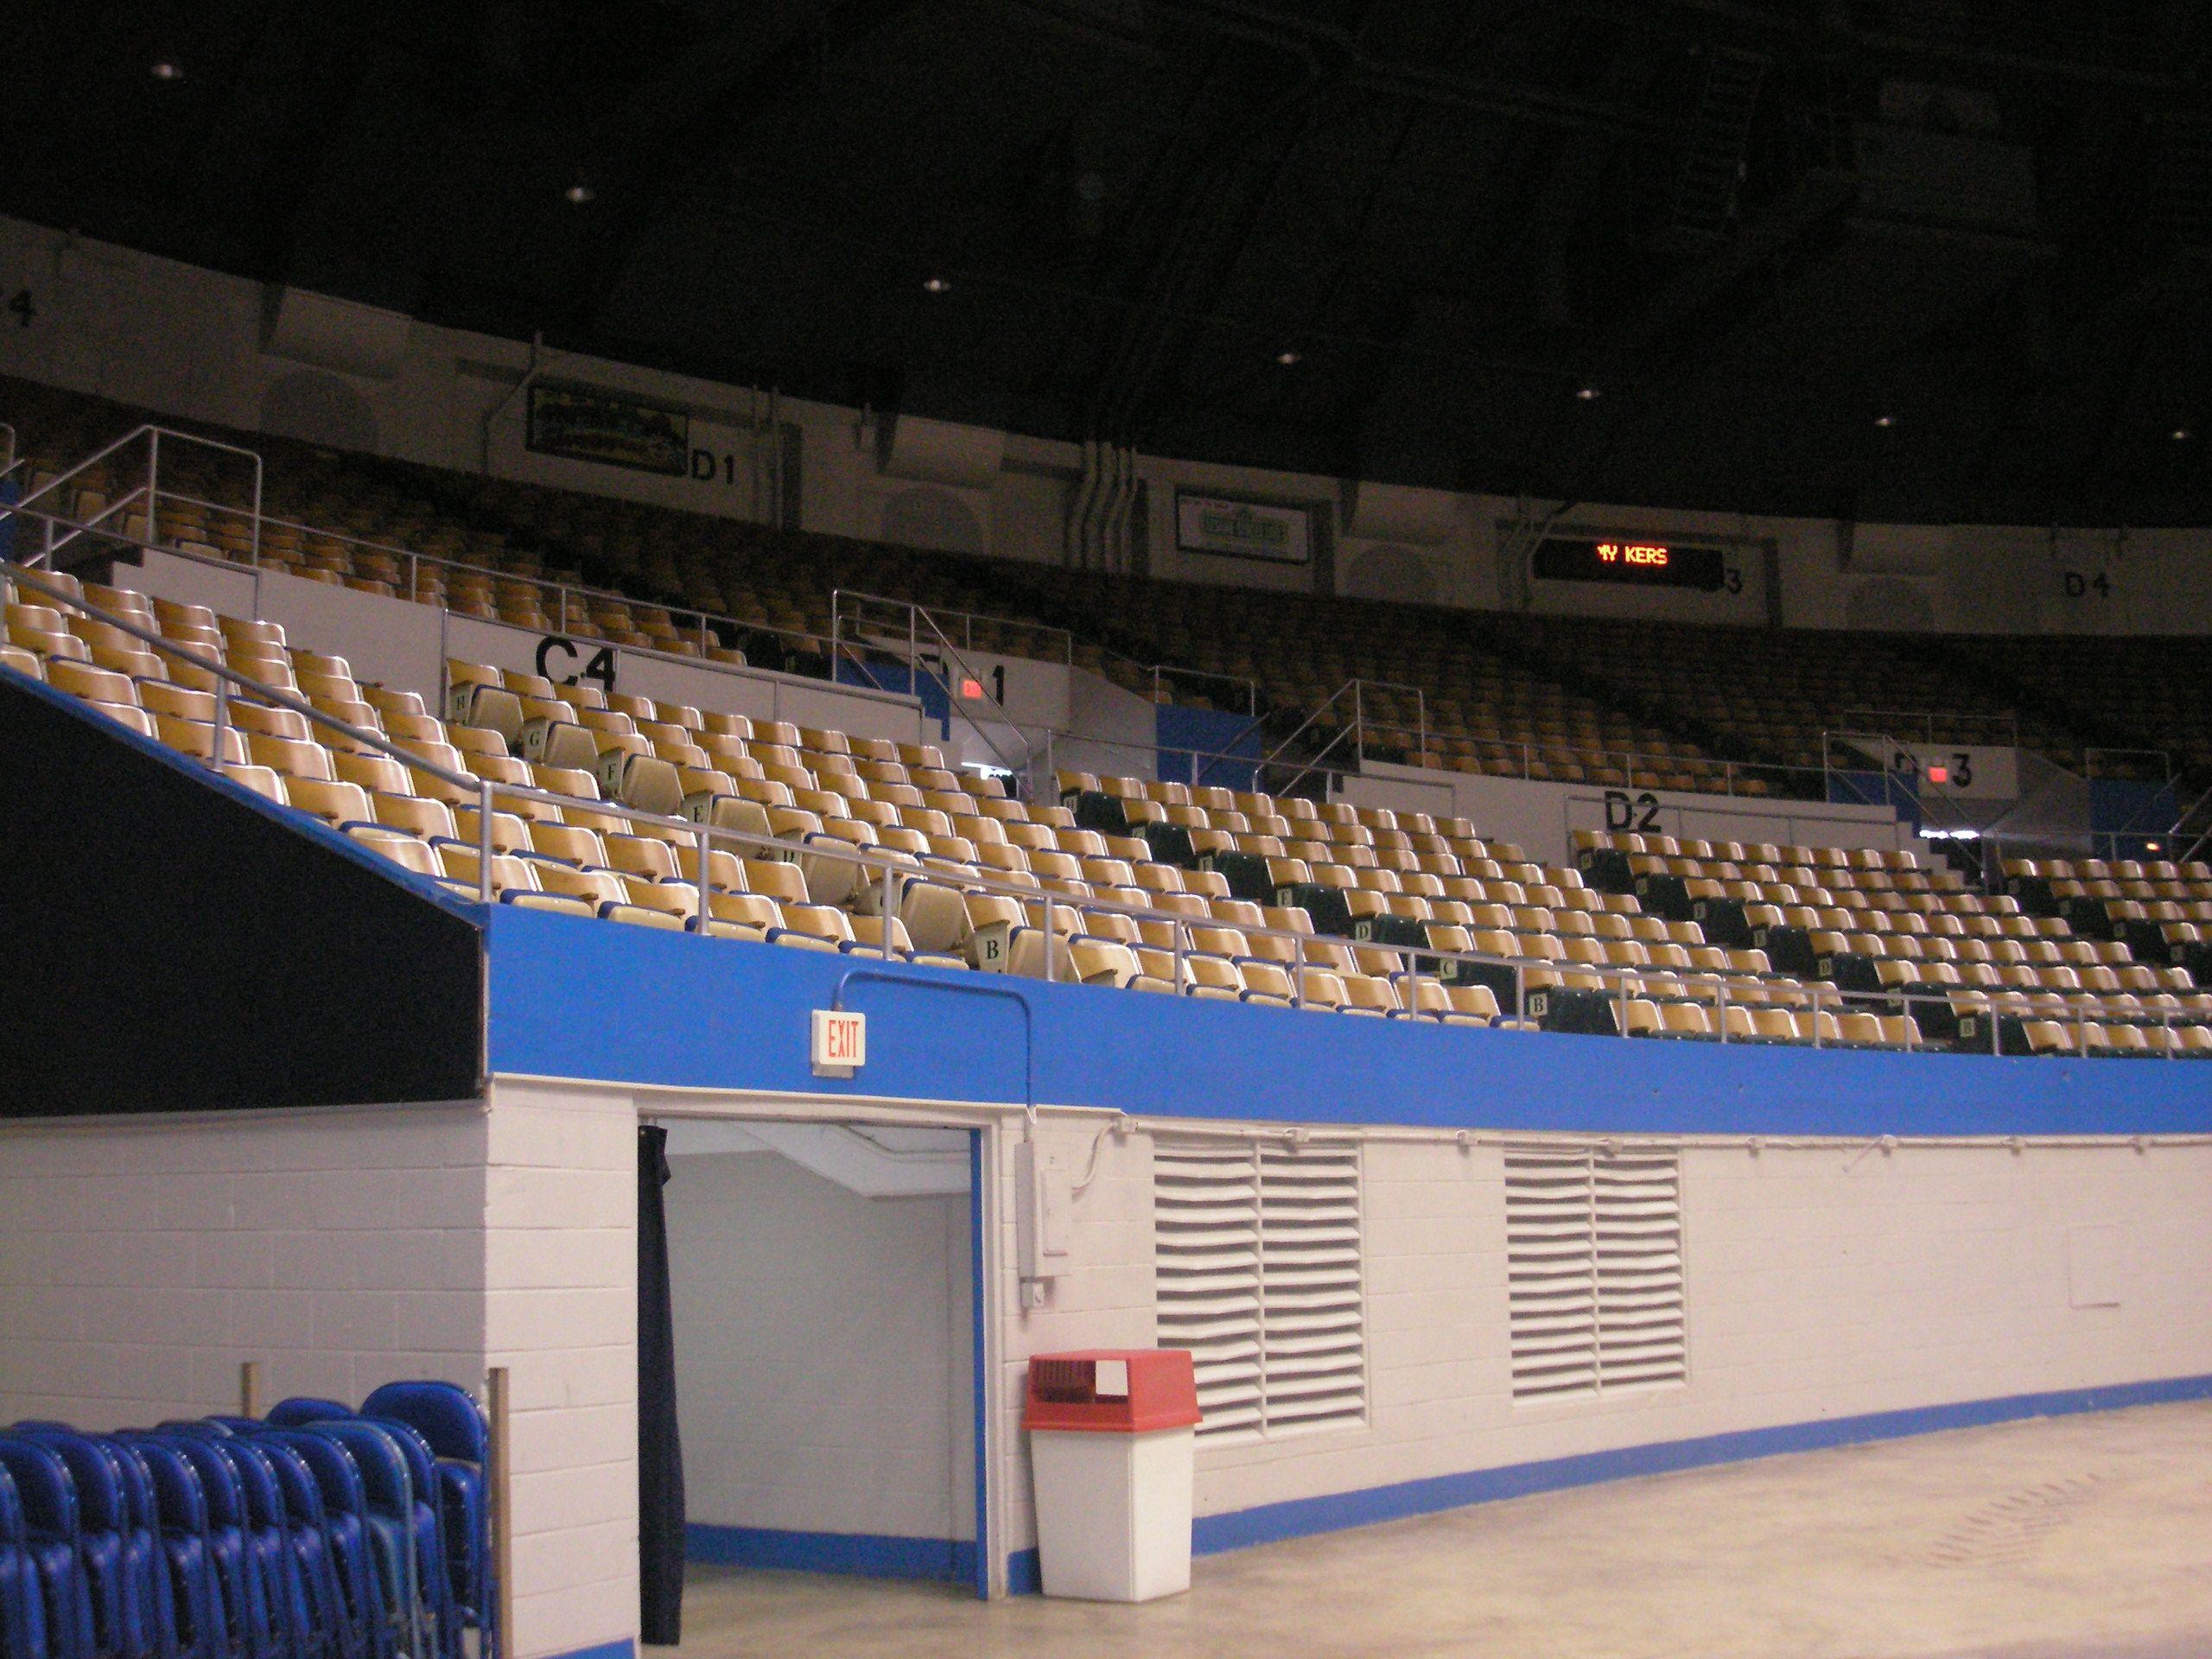 Nashville Municipal Auditorium Auditorium Seating Area At C 4 Auditorium Seating Seating Charts Seating